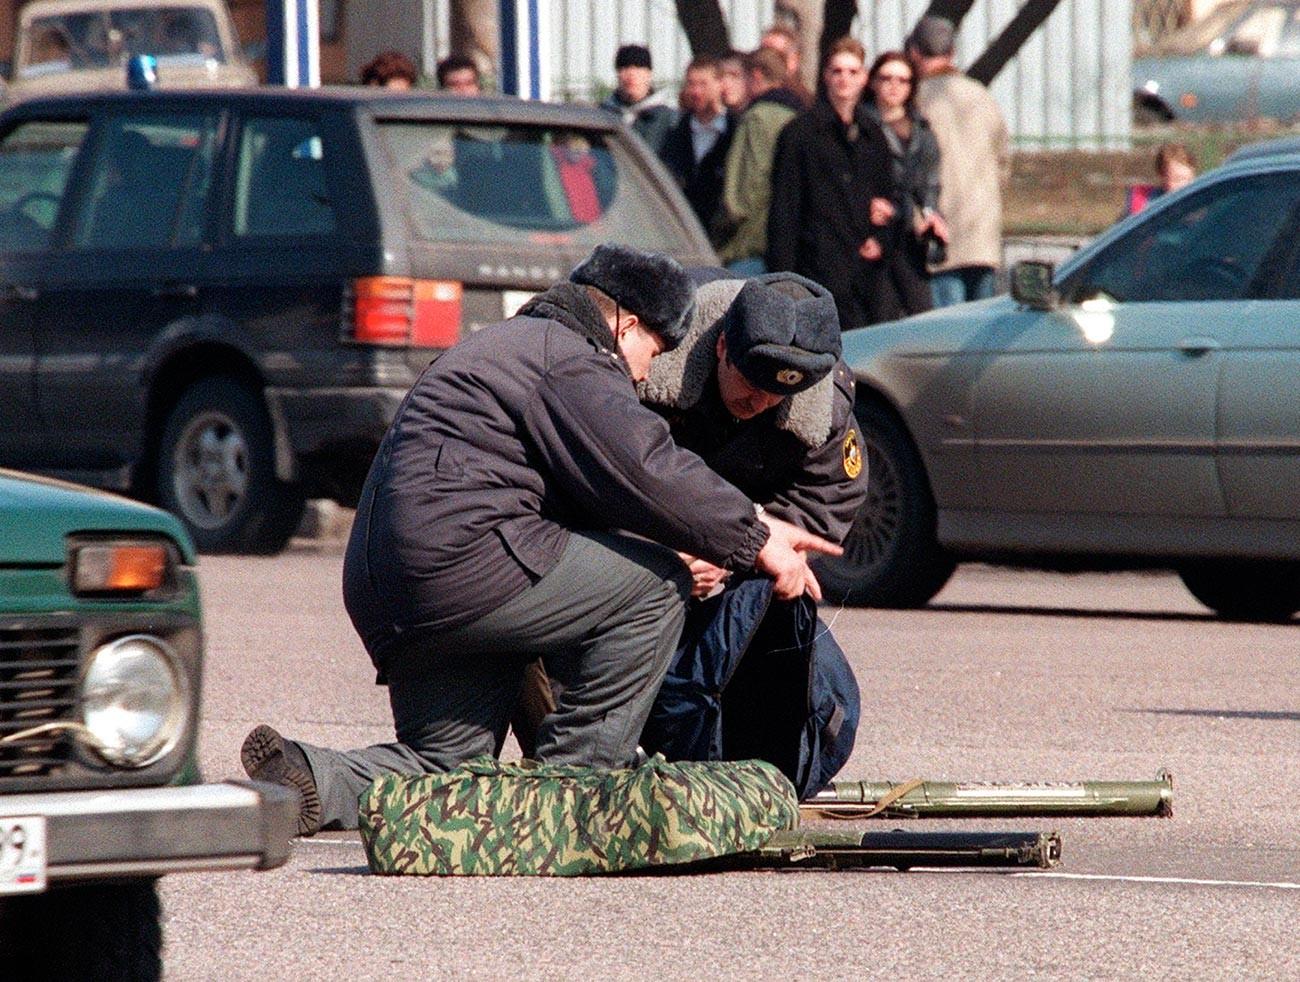 Руски полицаи пред американското посолство с ръчните гранатомети, с които е направен опит за атака на американското посолство в Москва като част от протест срещу бомбардировките на НАТО в Югославия, 28 март 1999 г.